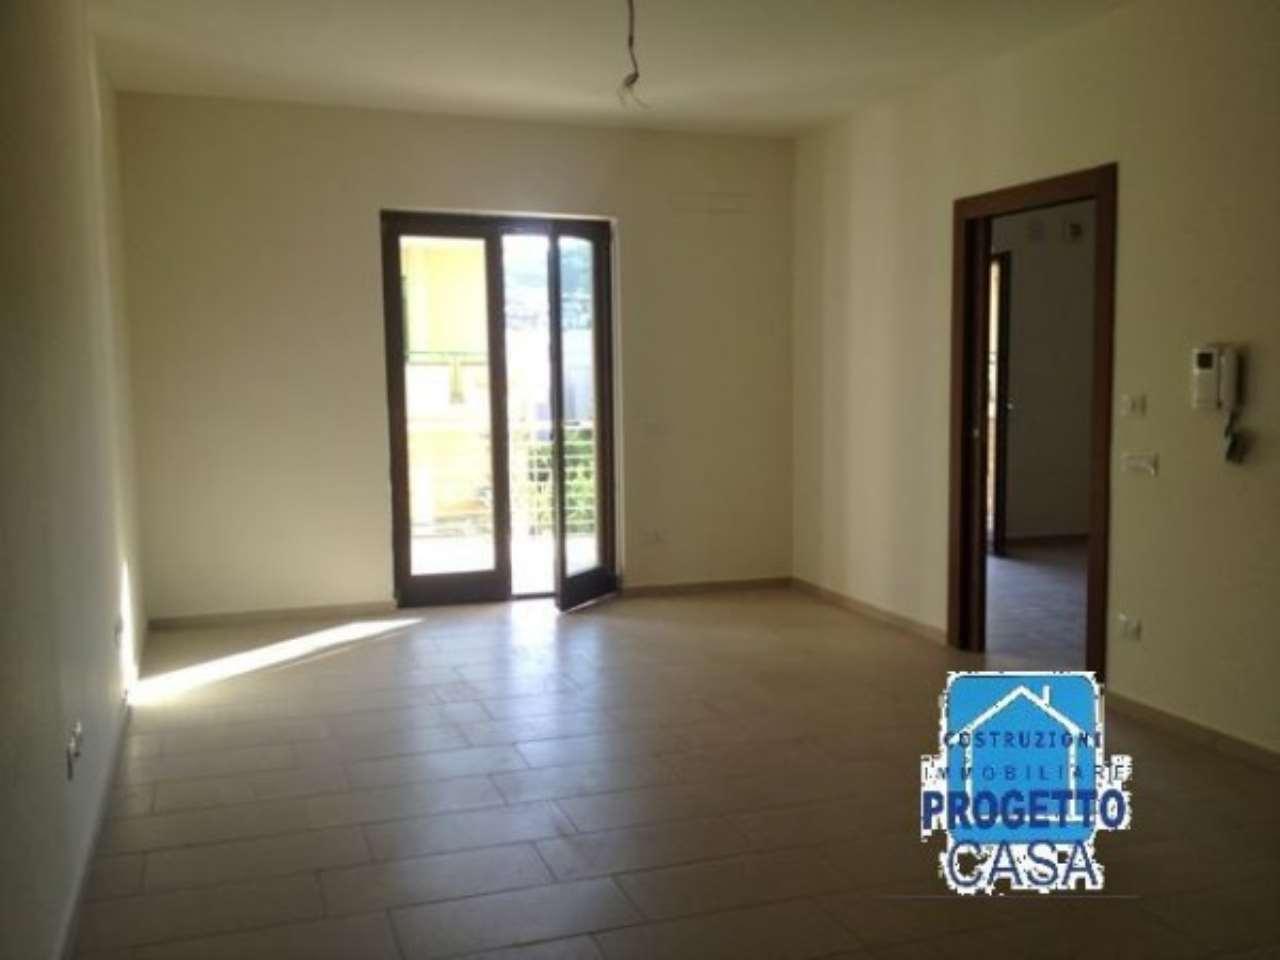 Appartamento in vendita a Palma Campania, 2 locali, prezzo € 199.000 | CambioCasa.it